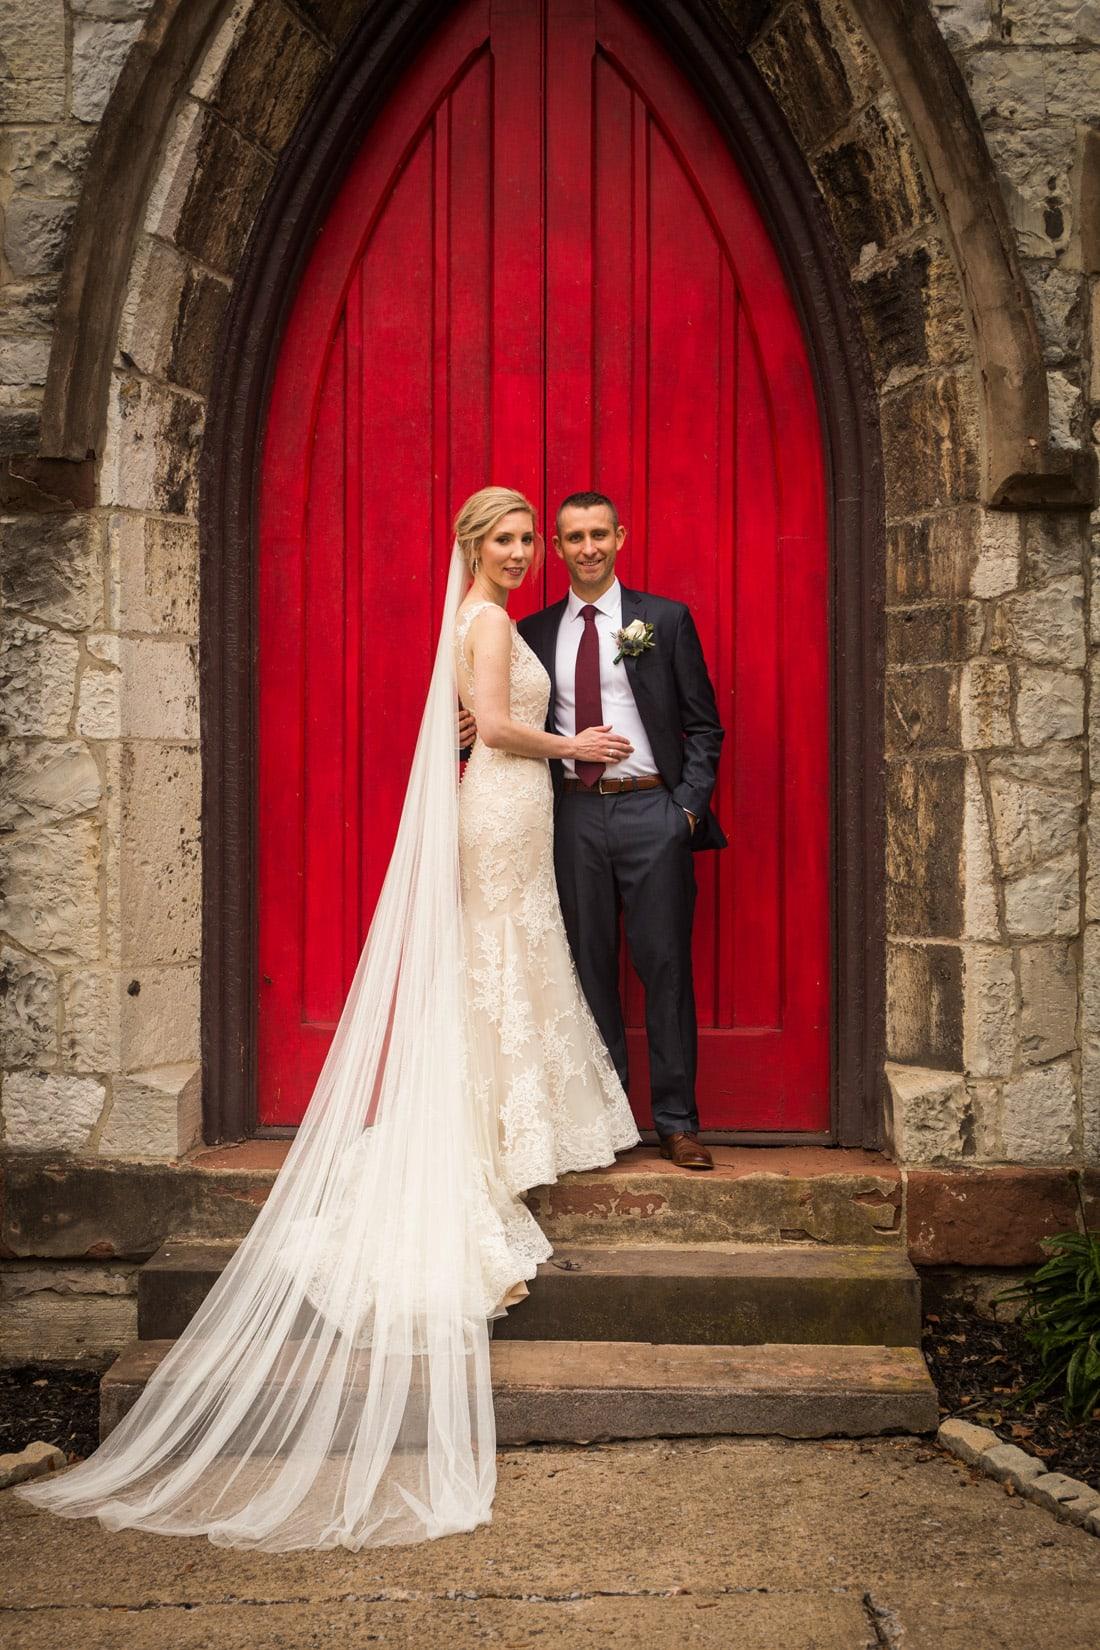 Bellefonte Wedding, PA - Bob Lambert Photography